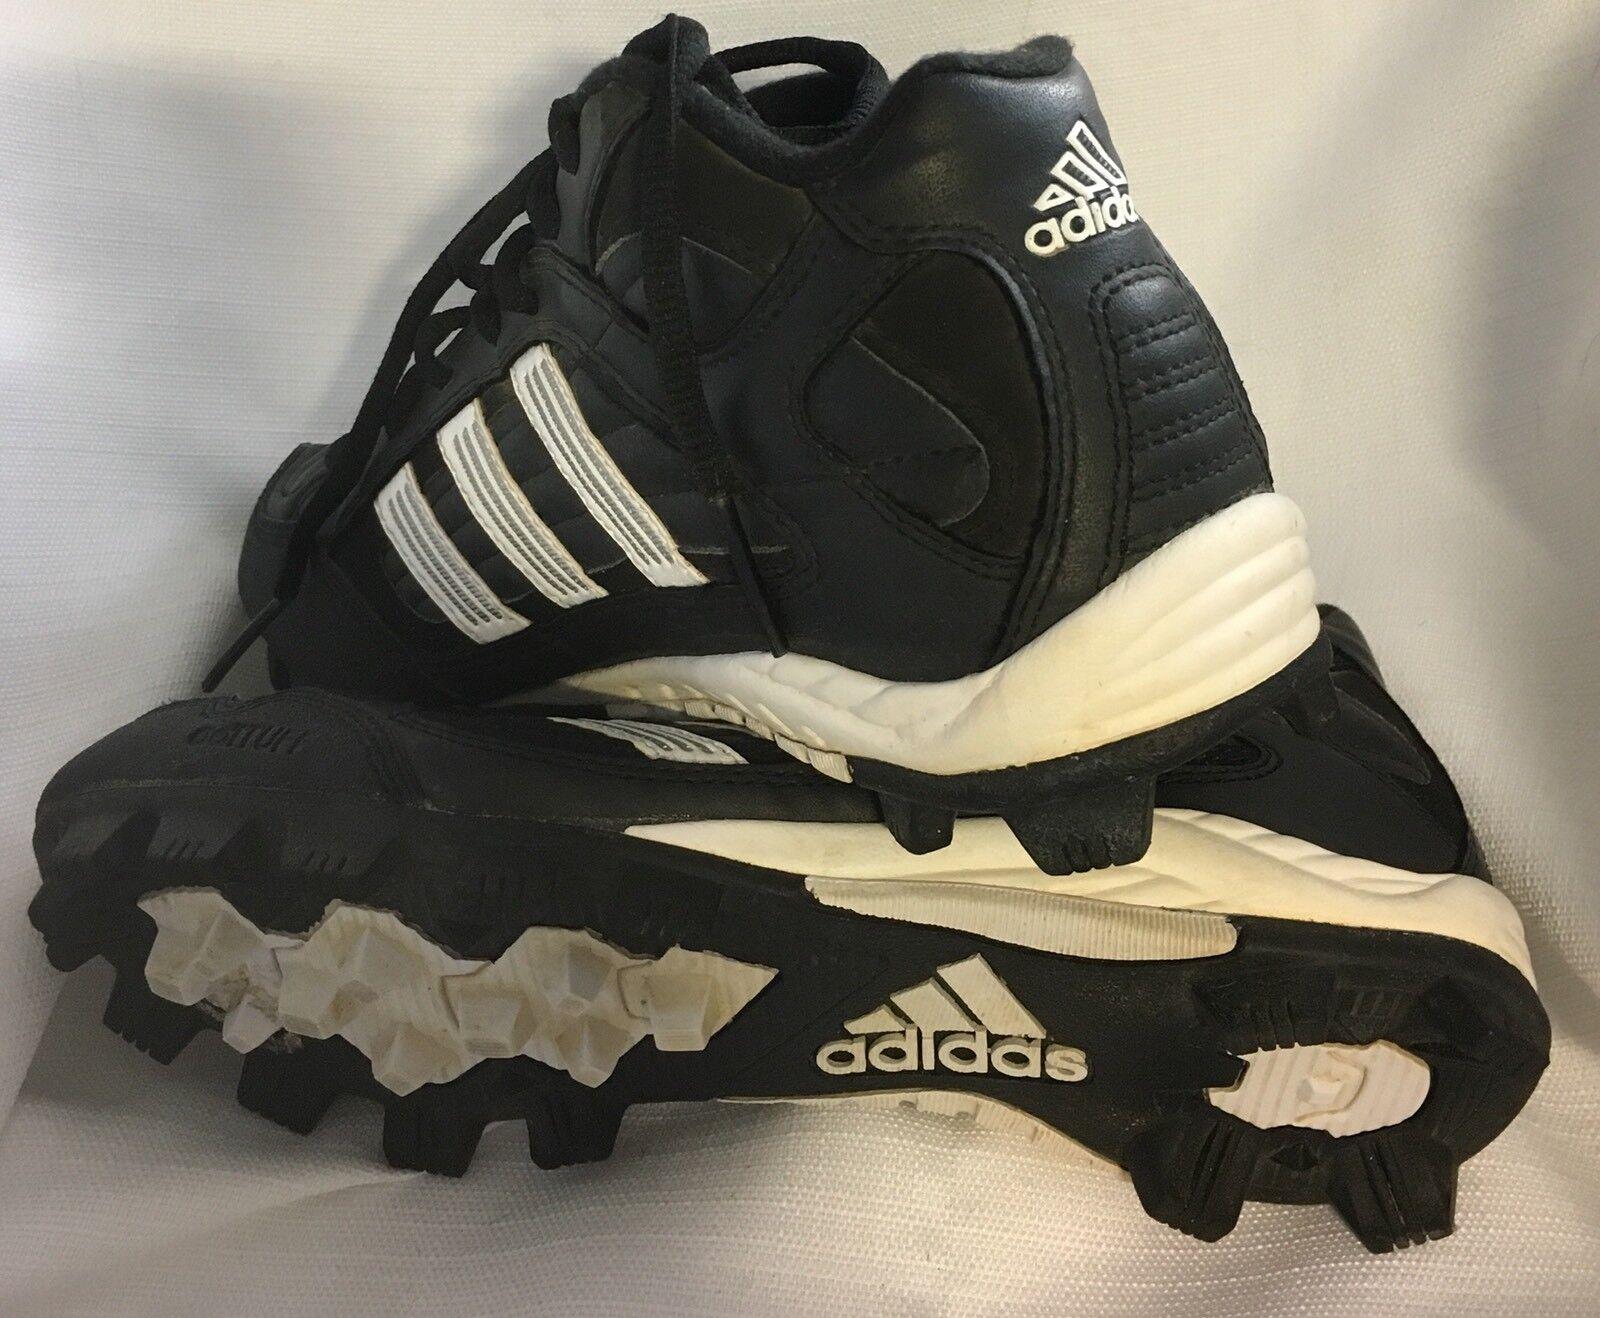 chaussures hommes est adidas adituff chaussures de de de baseball en noir et blanc nous 6 1 2 garons | D'être Très Apprécié Et Loué Par Les Consommateurs  40a5fd